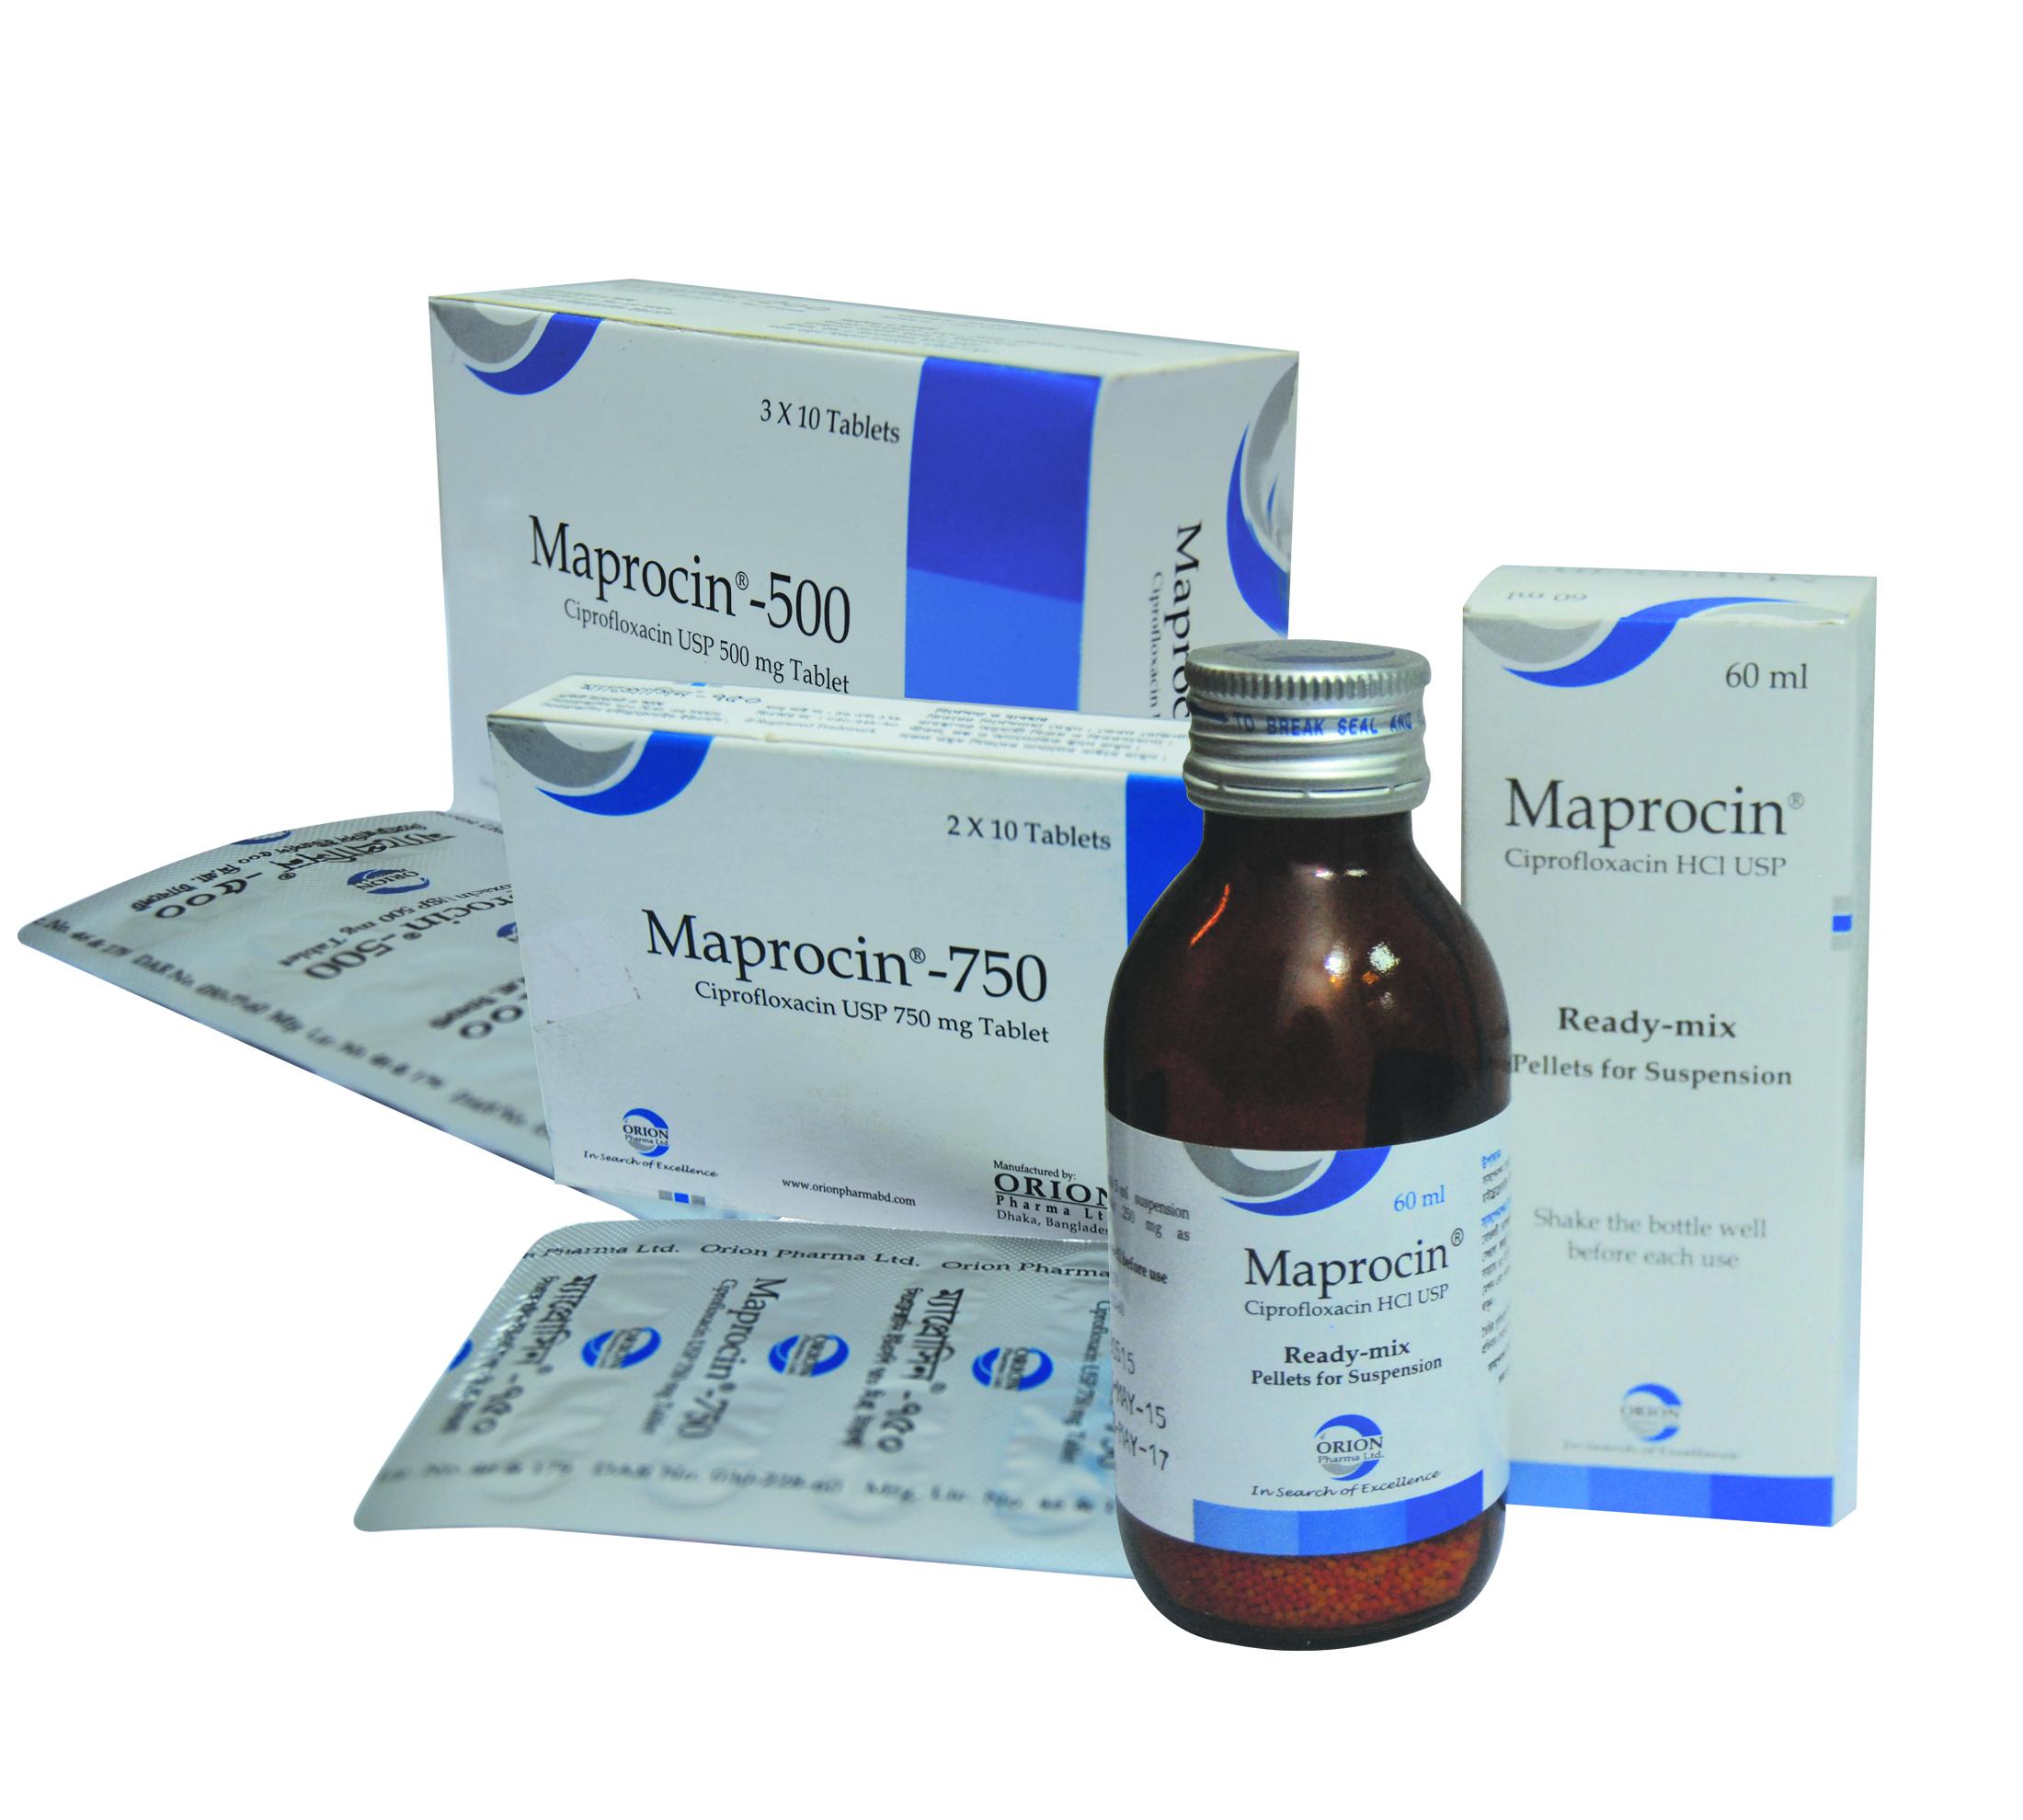 Maprocin